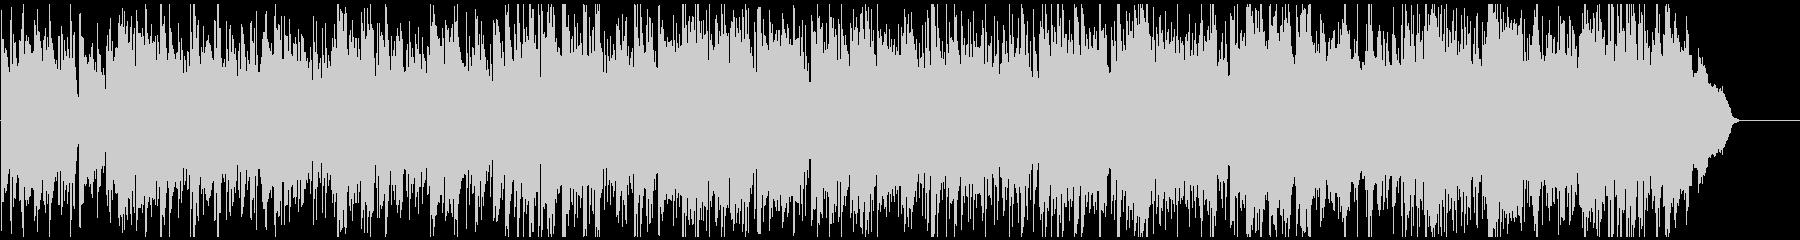 フルート生演奏 暖かく未来感あるボサノバの未再生の波形